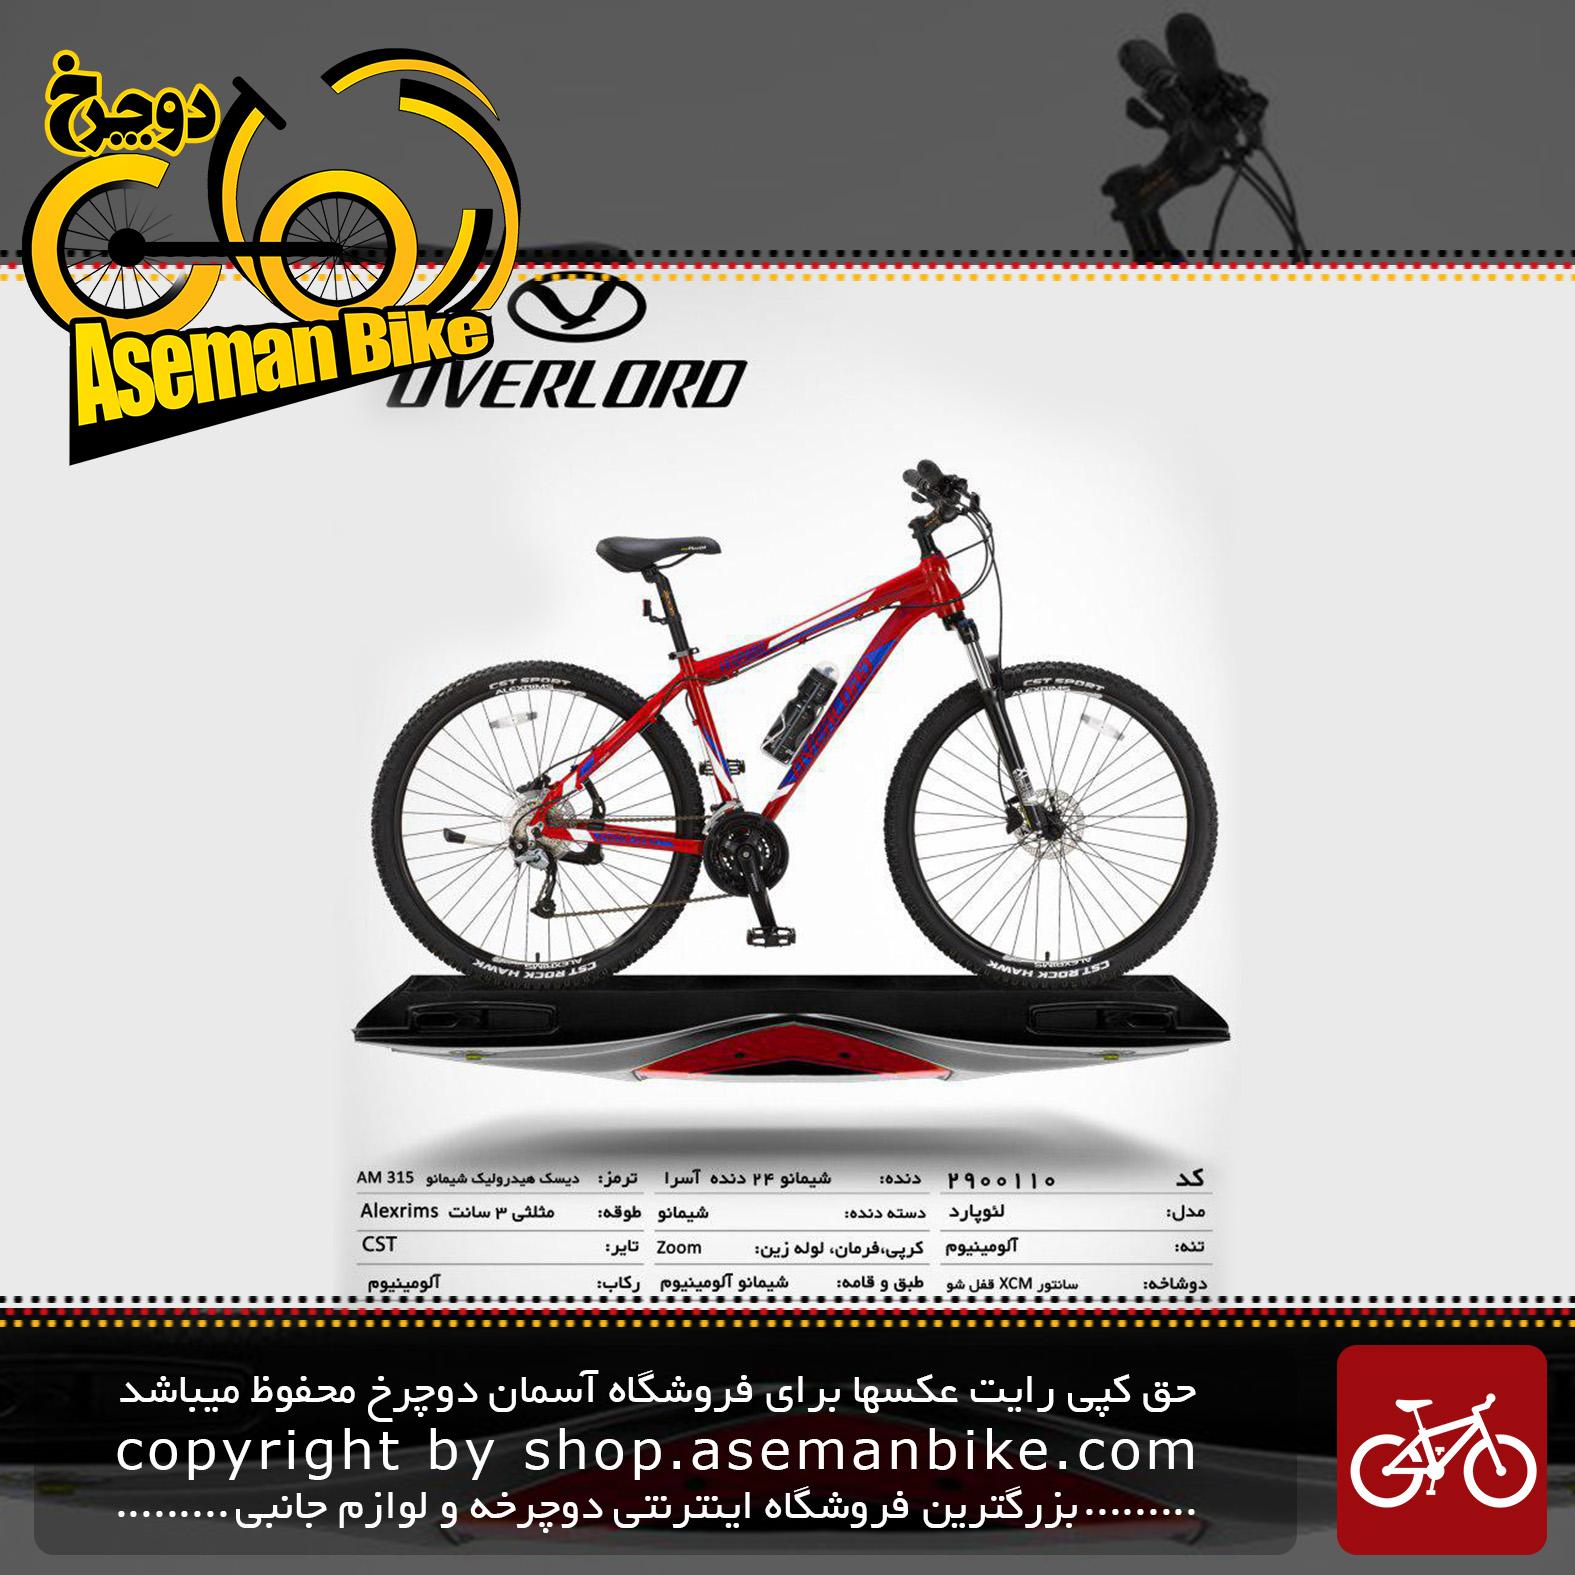 دوچرخه کوهستان شهری اورلرد مدل لئوپارد 24 دنده شیمانو آسرا سایز 29 ساخت تایوان OVERLORD Mountain City Taiwan Bicycle LEOPARD 29 2018